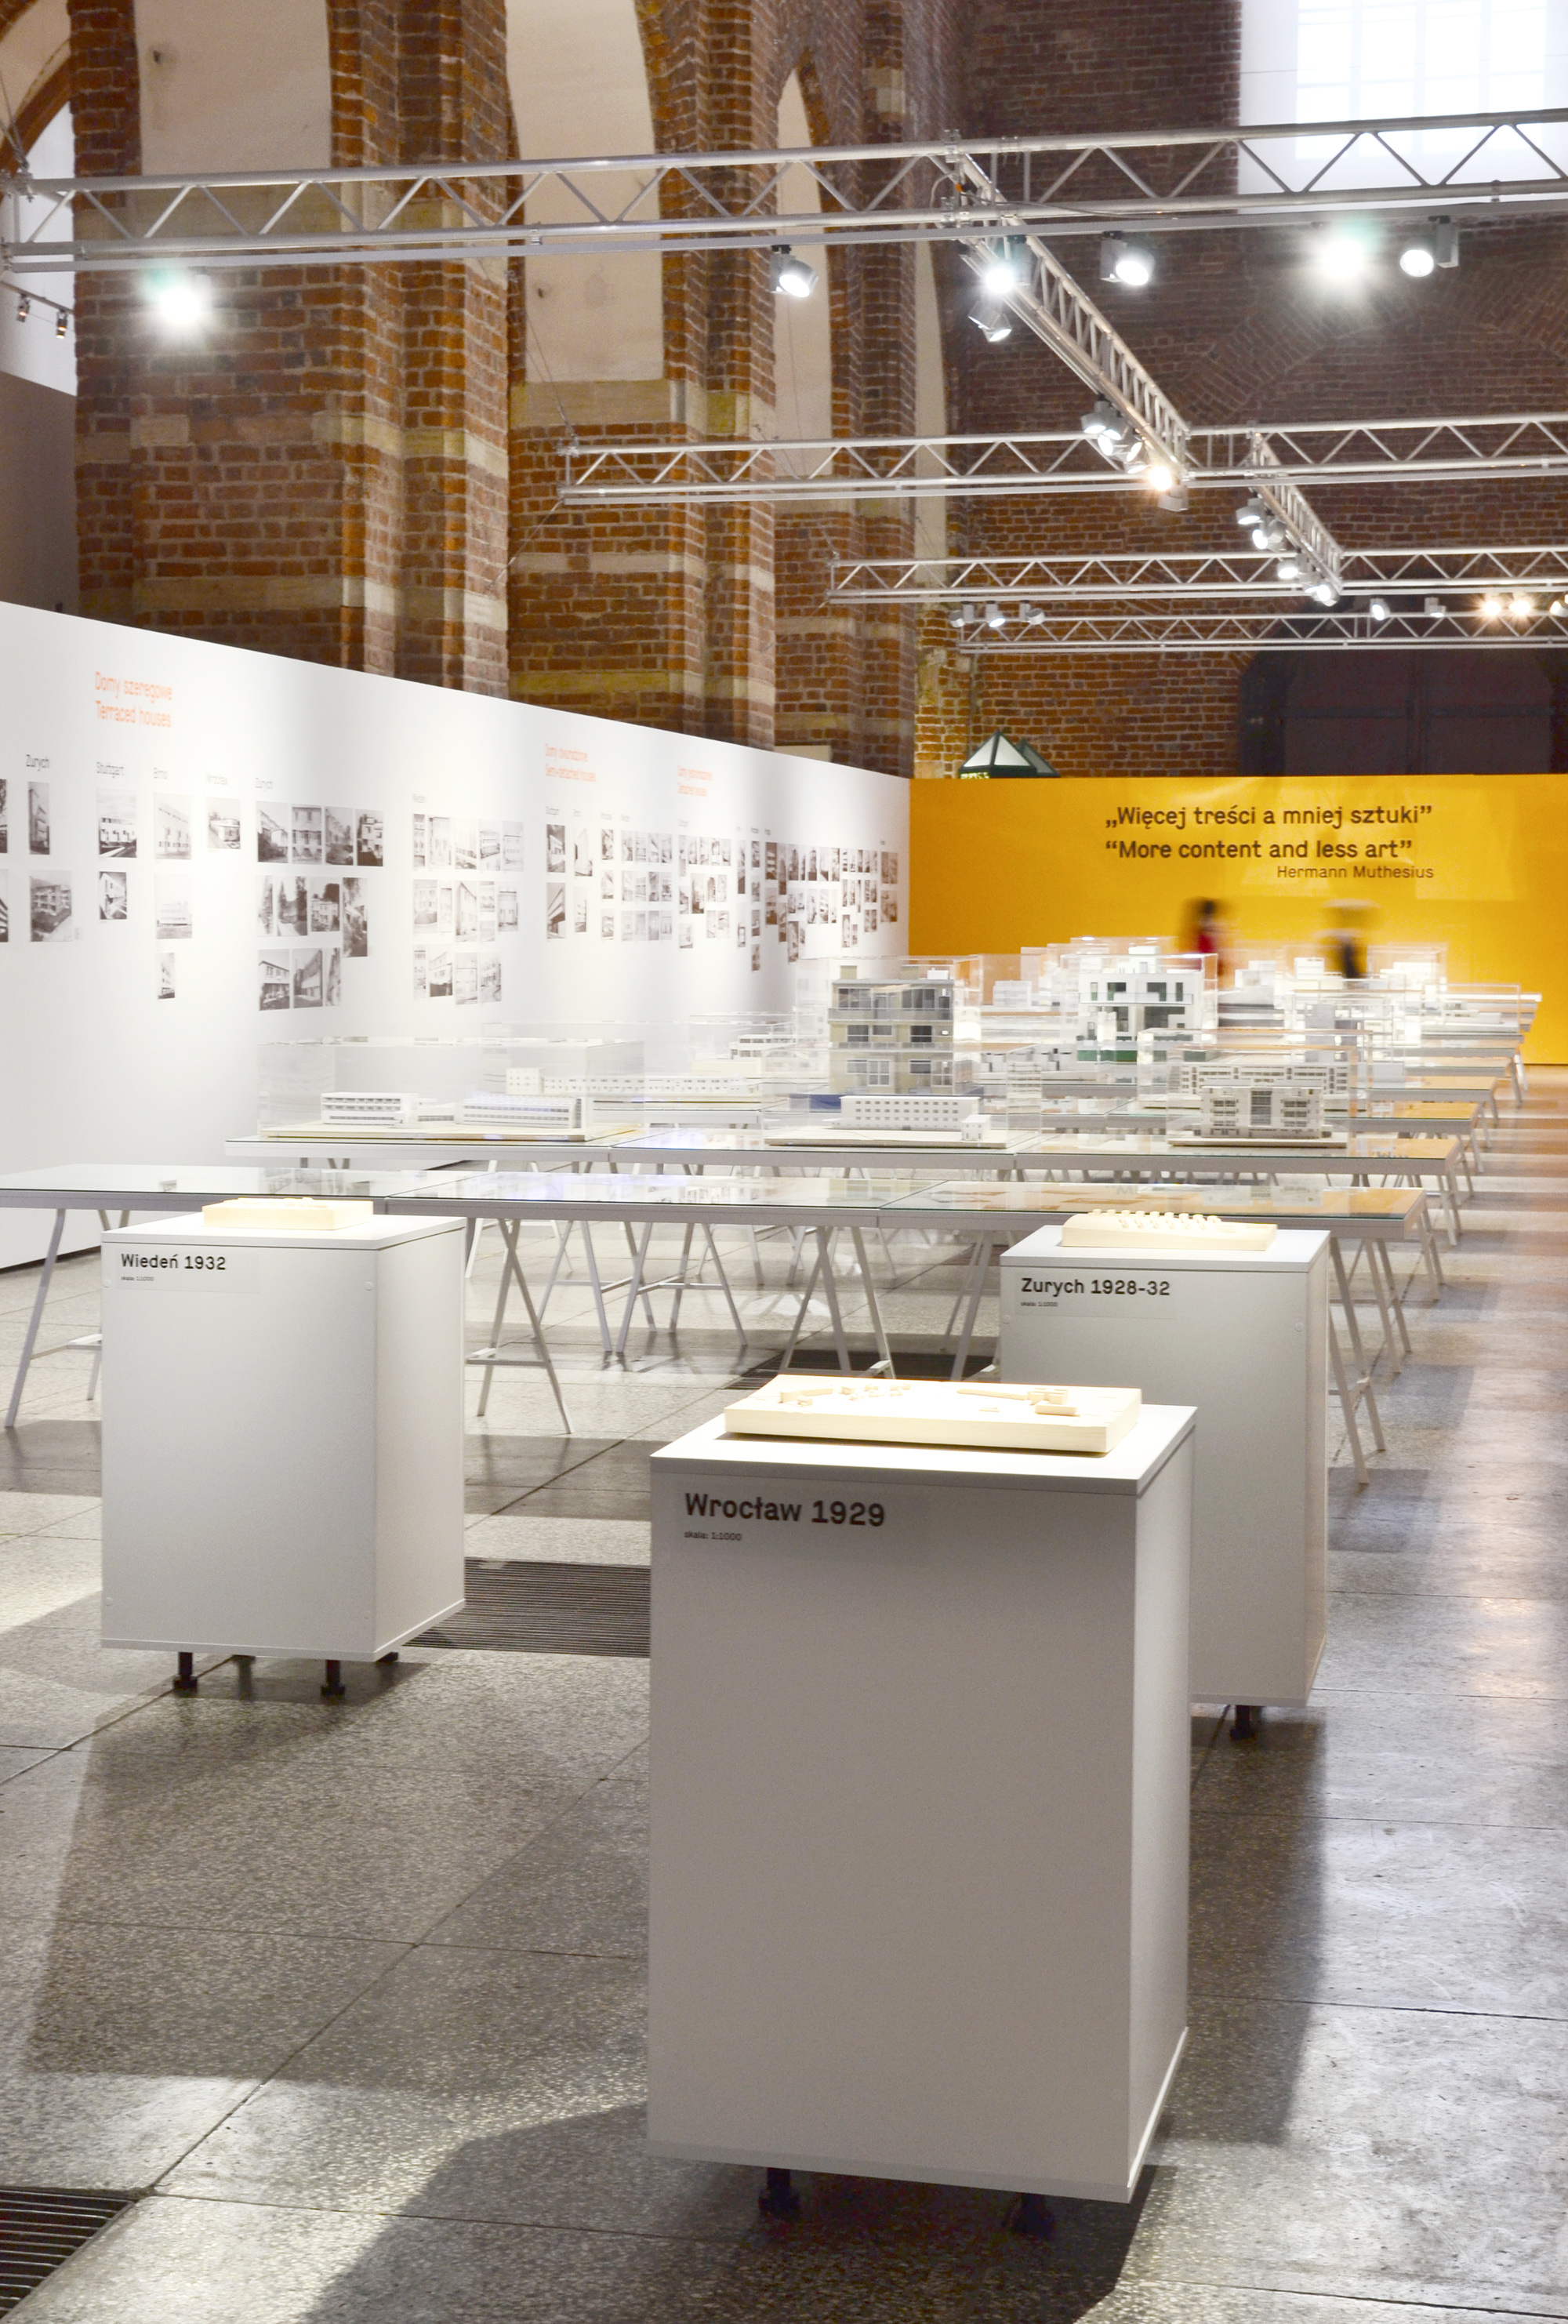 arch_it werbund estates exhibition